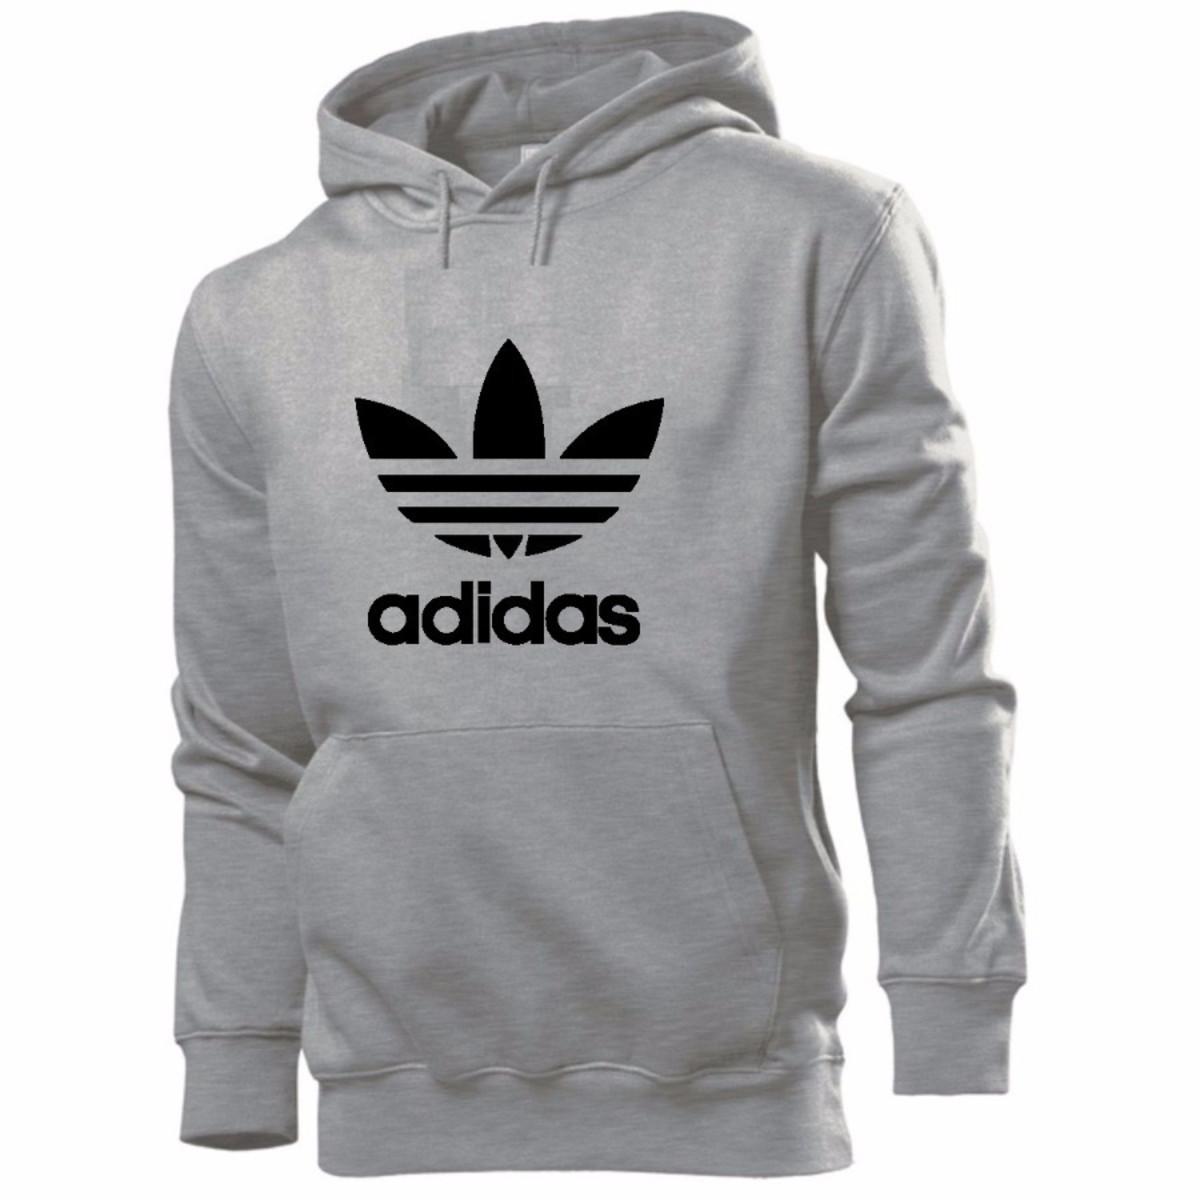 232af0e8988 Blusa Moletom Adidas + Chaveiro Brinde no Elo7